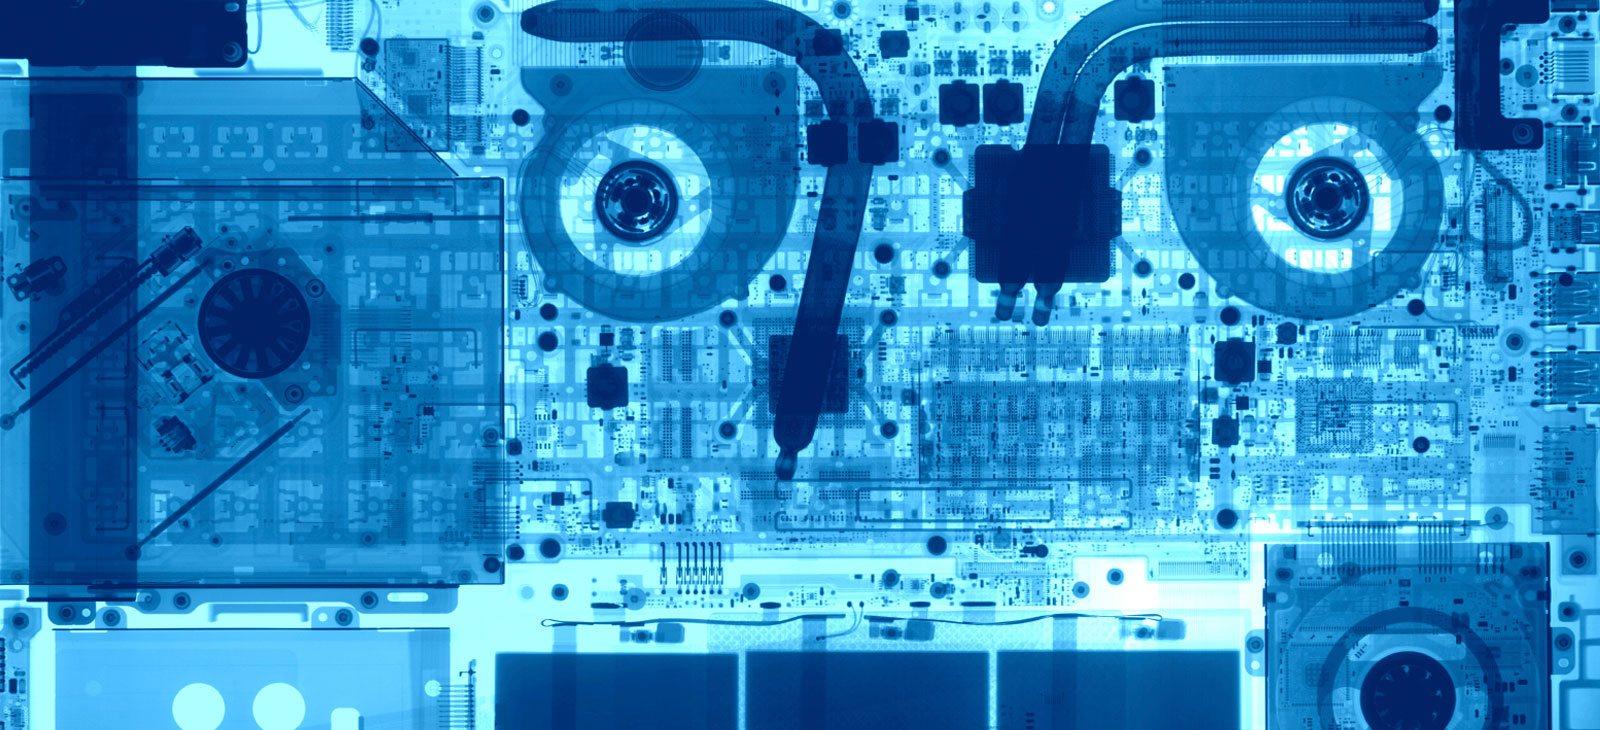 Componente electrónico